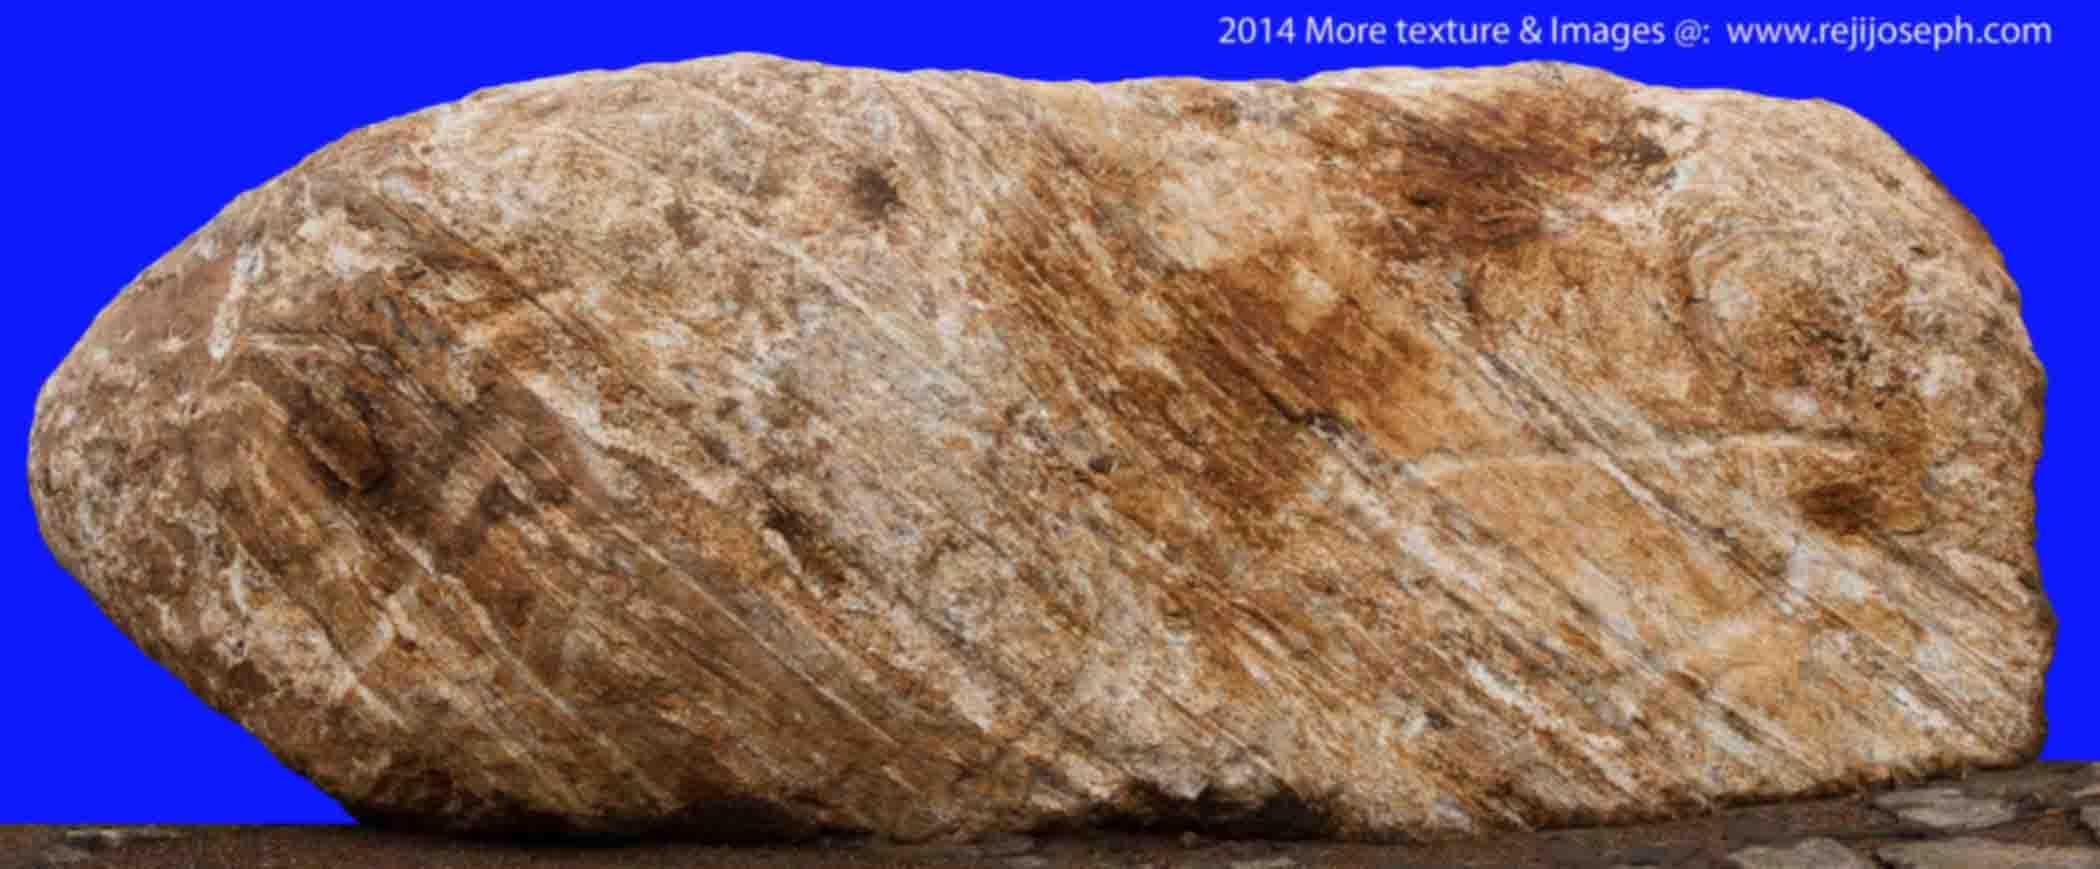 Rock texture 00001